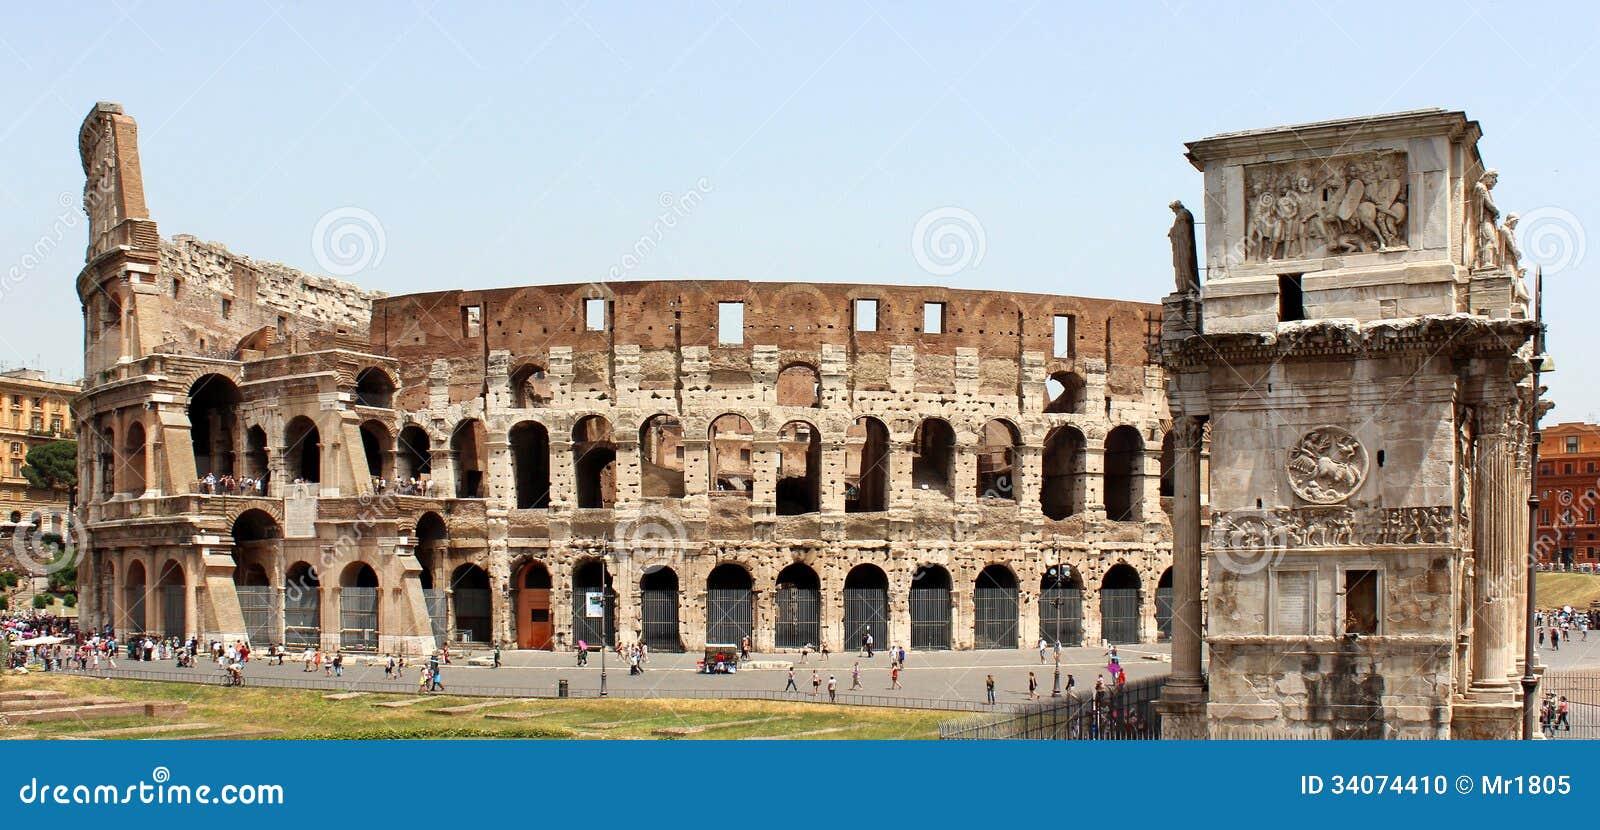 Colosseum ed arco di Costantina